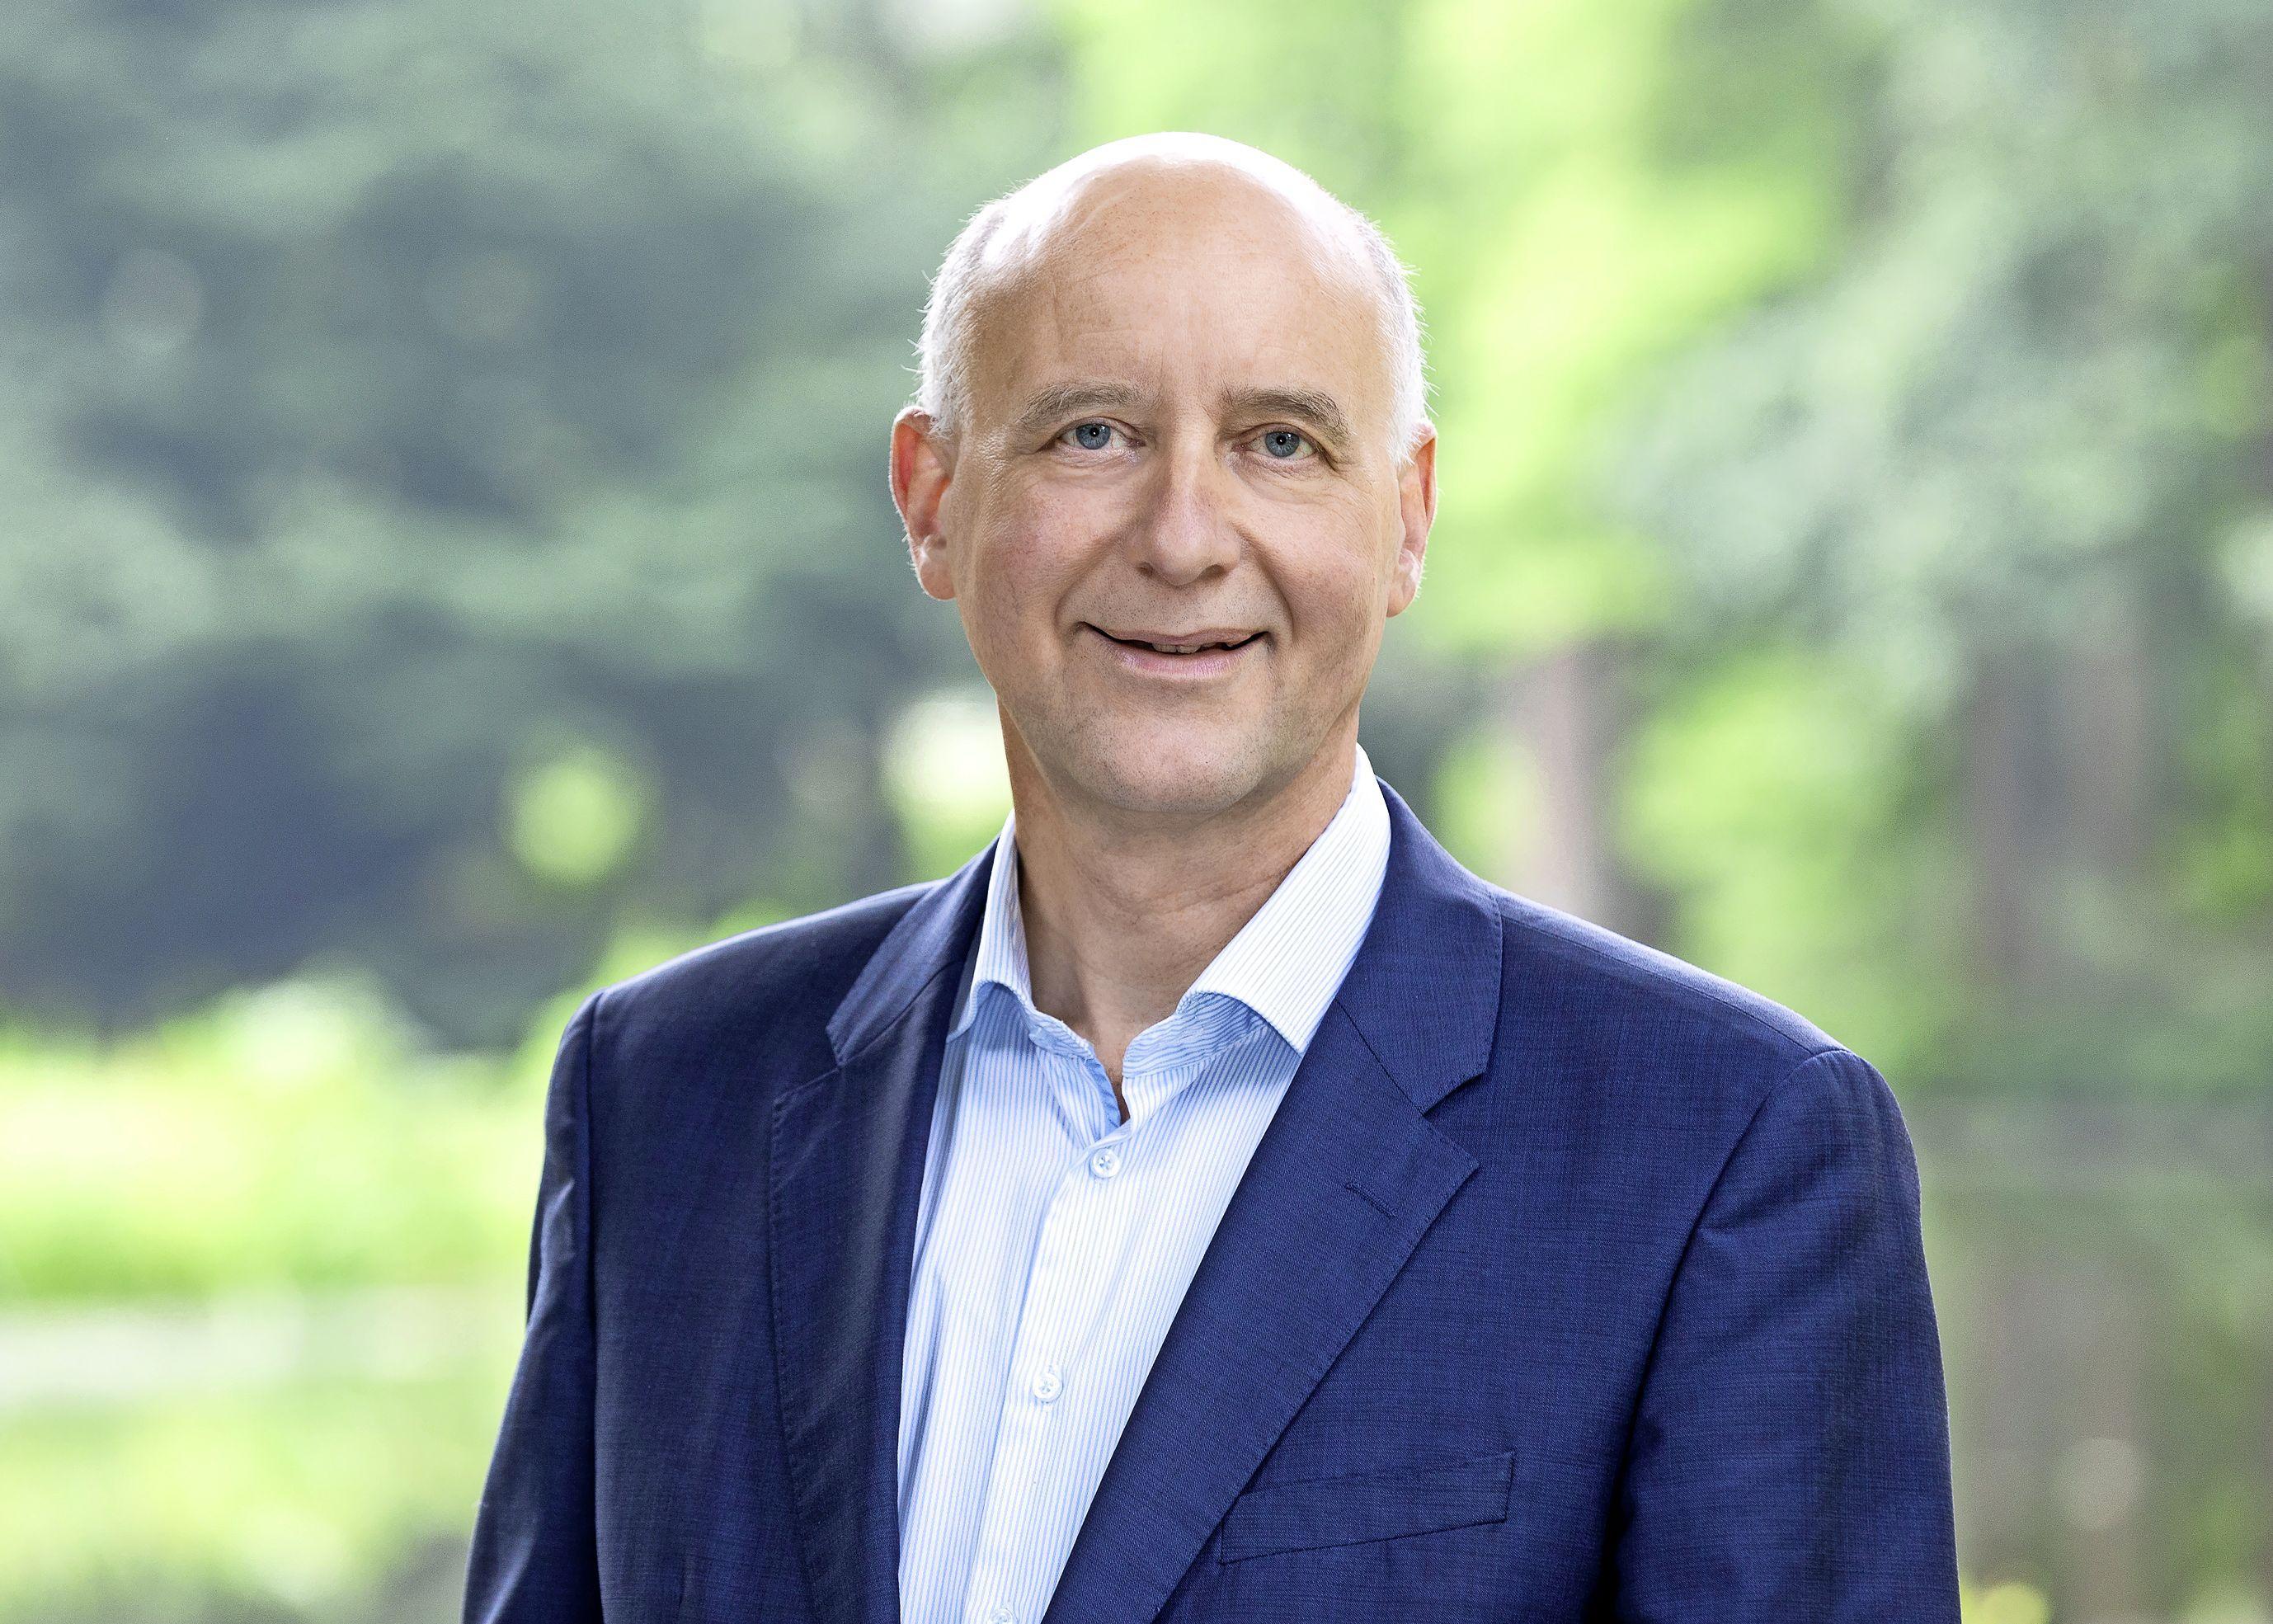 Wethouder Arno van Kempen van Teylingen maakt nieuwe nota gezondheid: 'Je moet uitstralen dat je echt wat wilt'